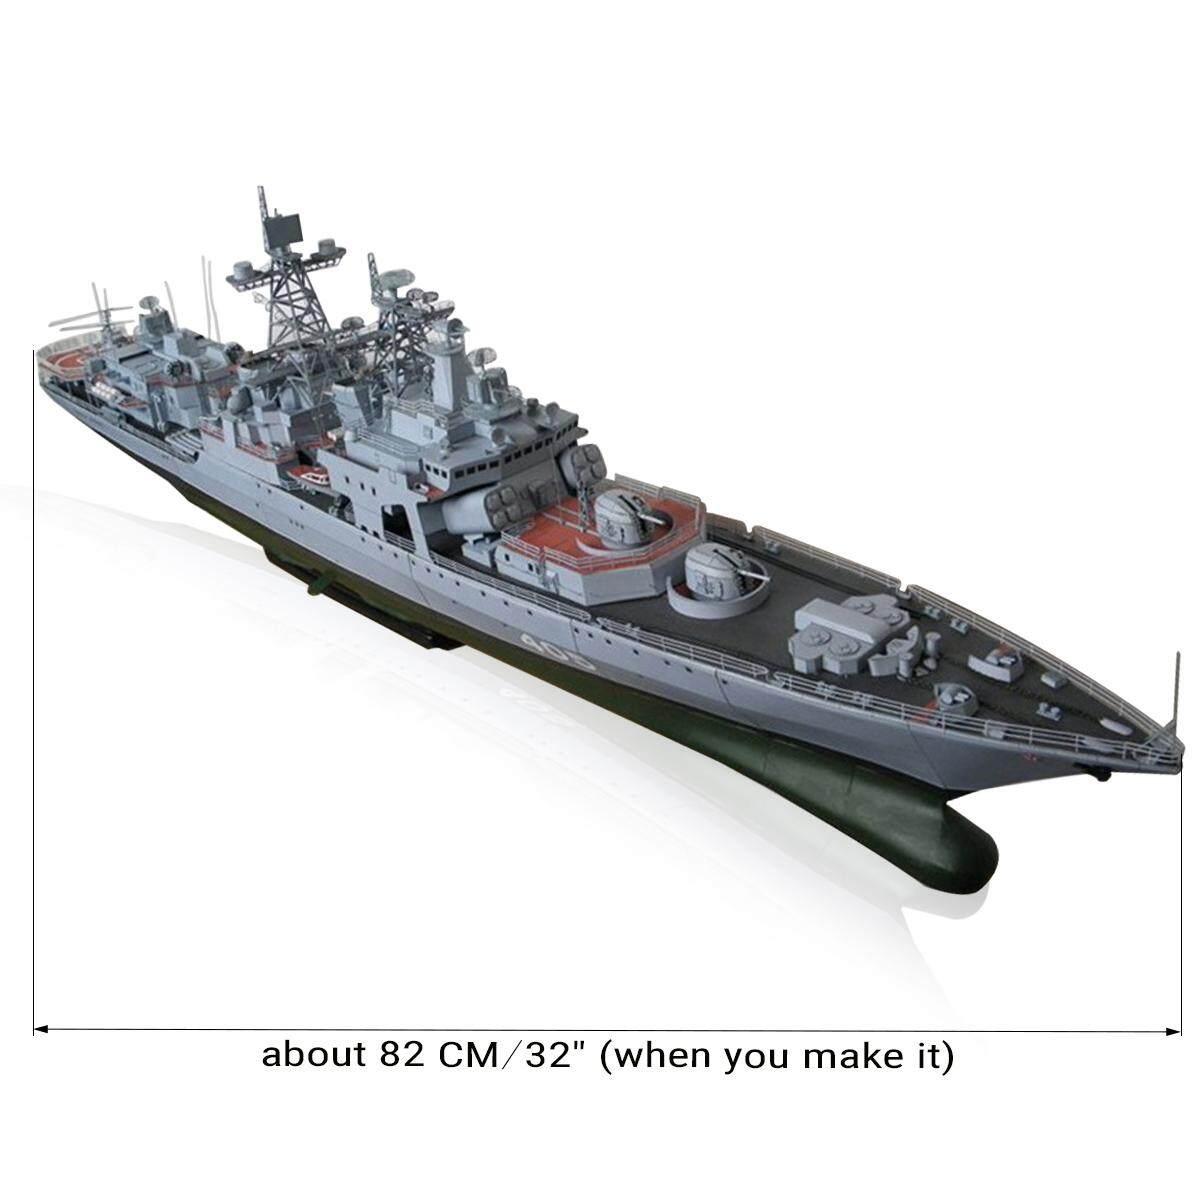 1/200 Lớn 3D Mô Hình Giấy Thiết Giáp Hạm Tàu Quân Sự TỰ LÀM Đồ Chơi Mô Phỏng Cao Có Giá Ưu Đãi